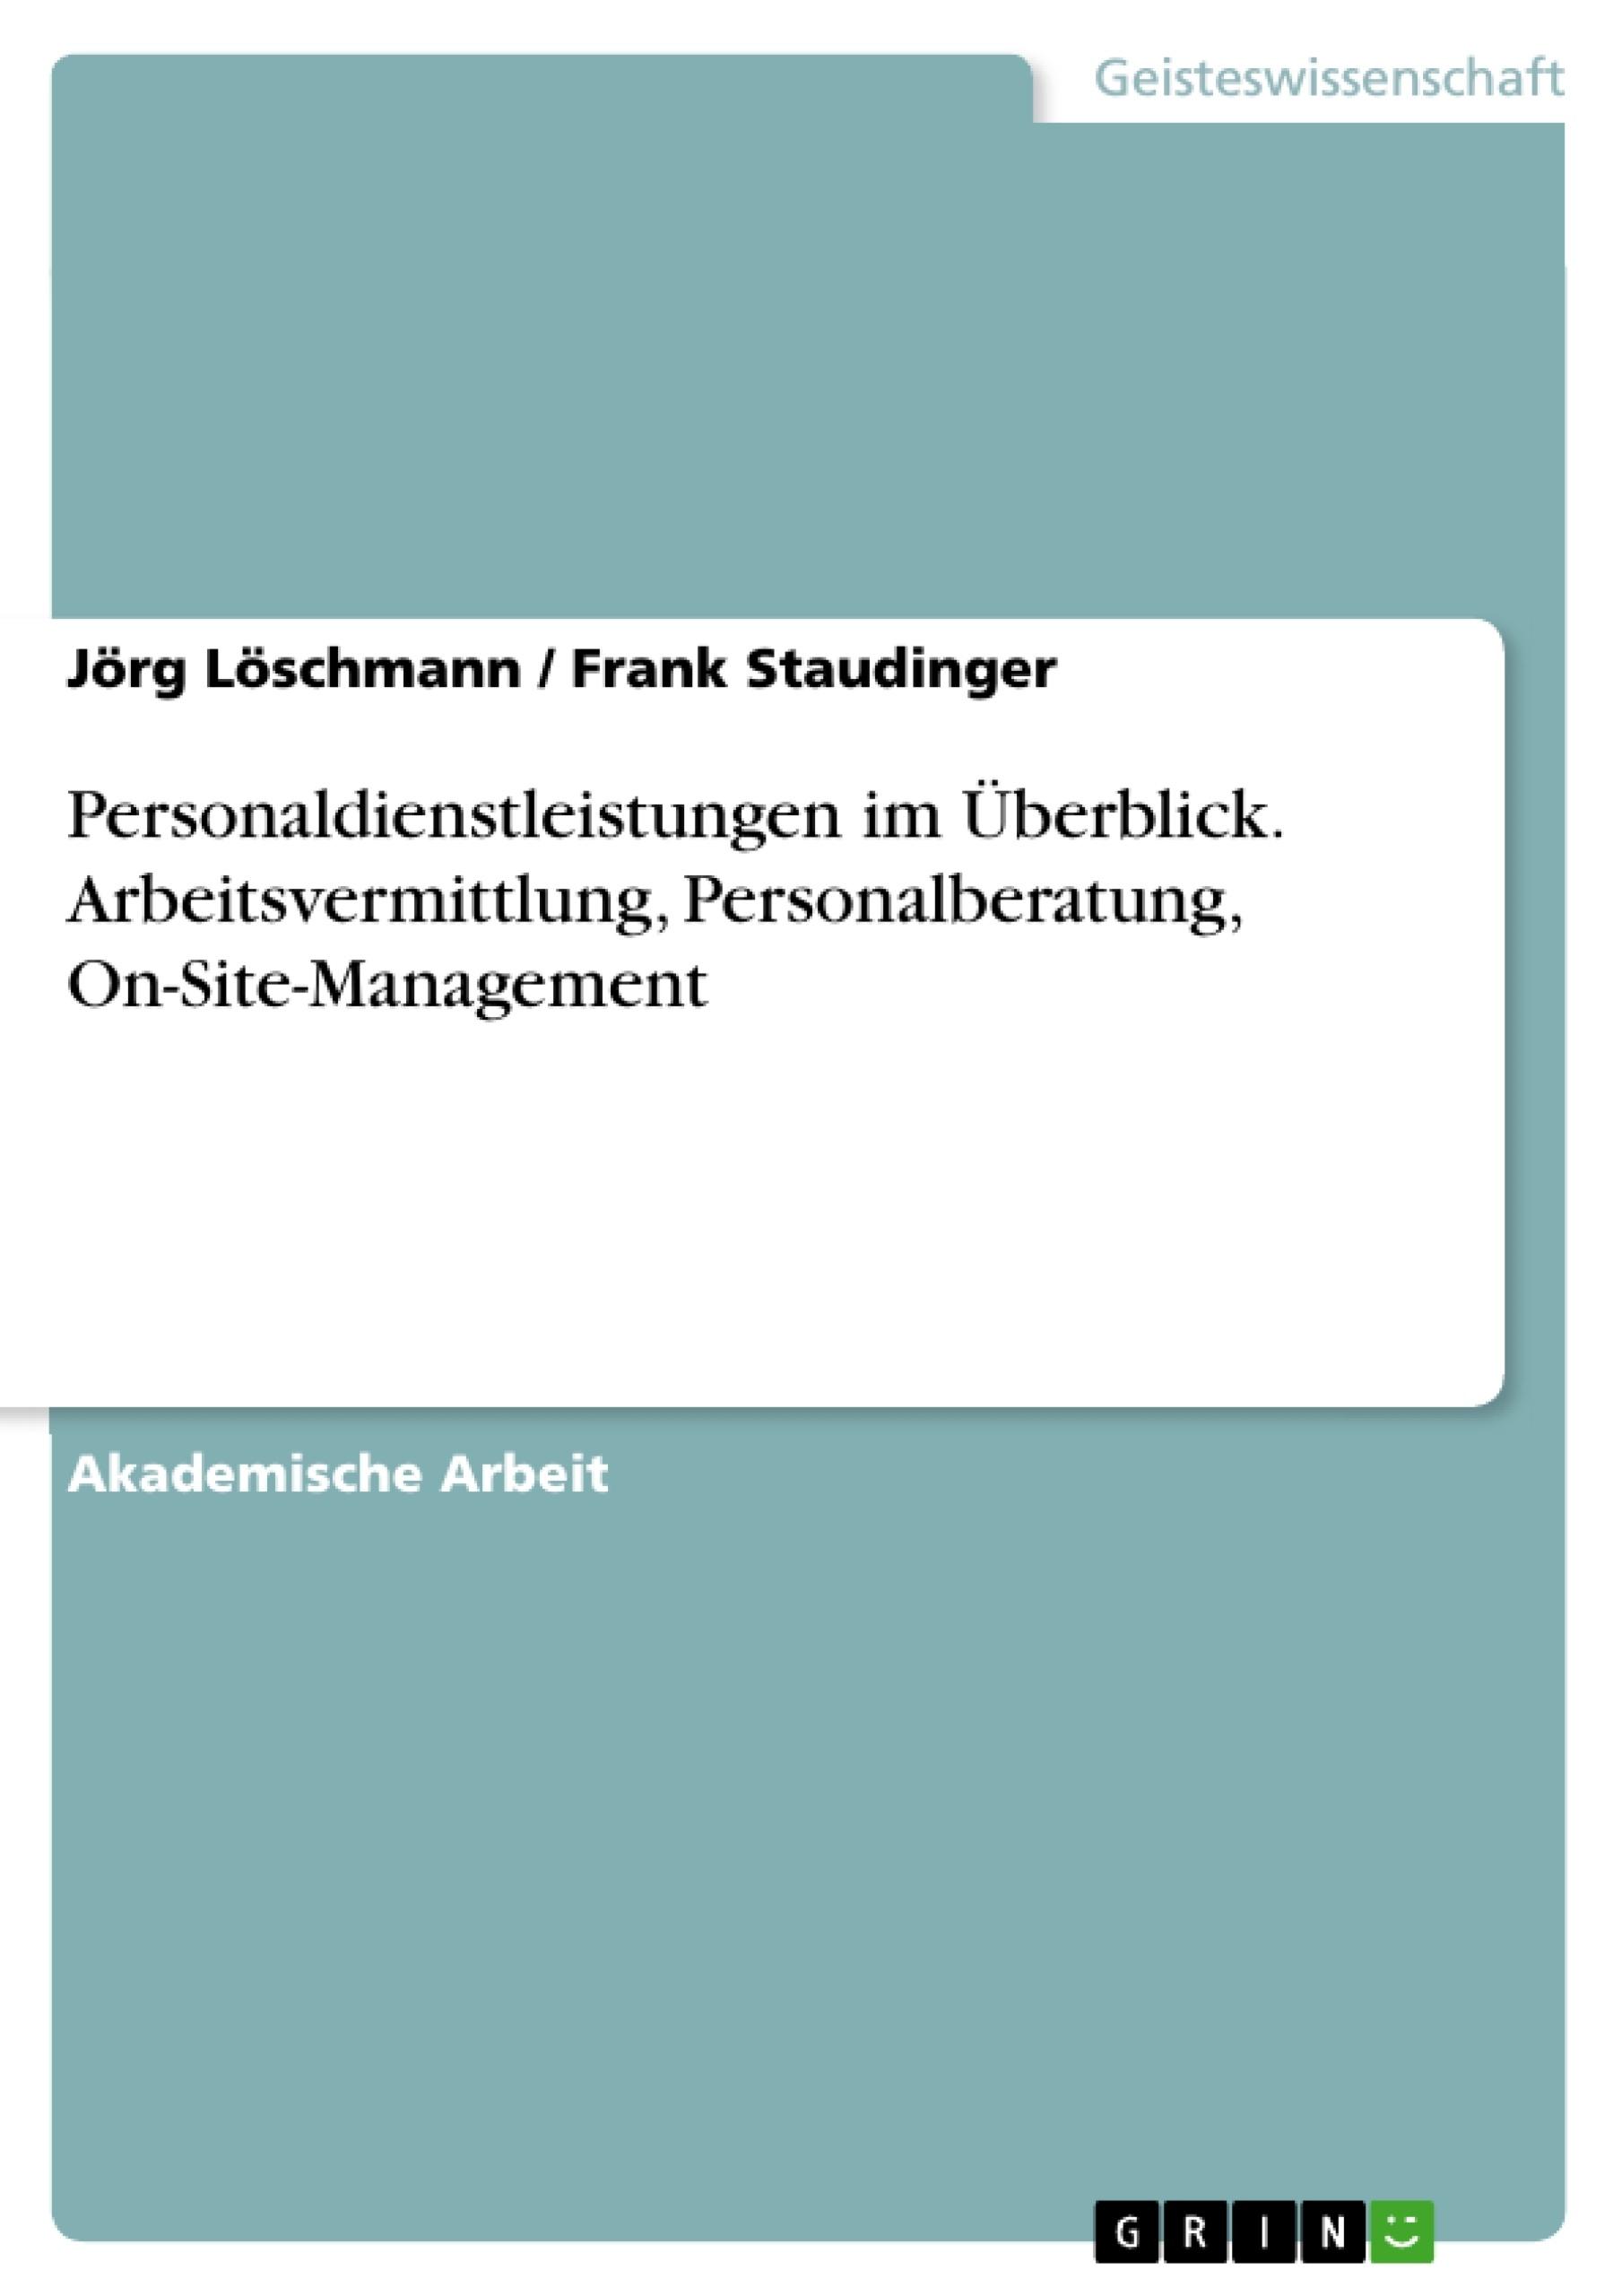 Titel: Personaldienstleistungen im Überblick. Arbeitsvermittlung, Personalberatung, On-Site-Management